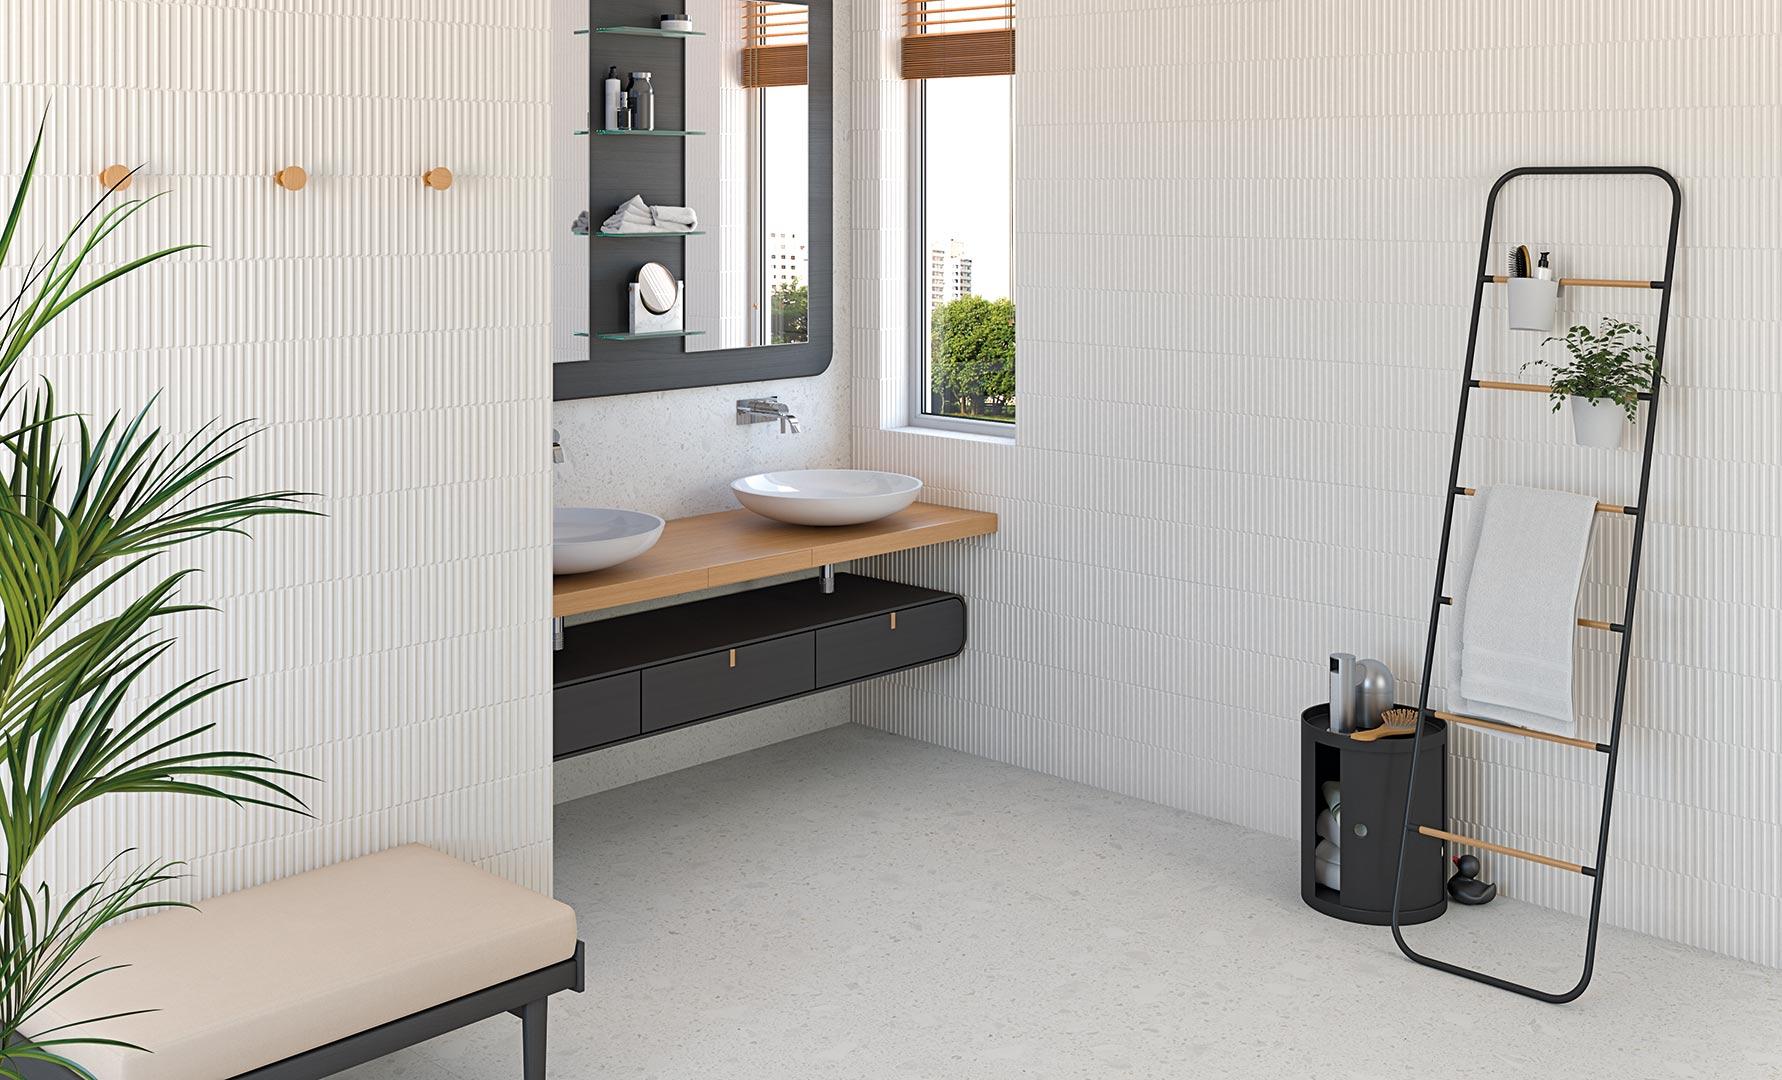 Łazienka z dwiema umywalkami nablatowymi, dużym lustrem i płytkami Miscela-R Nacar